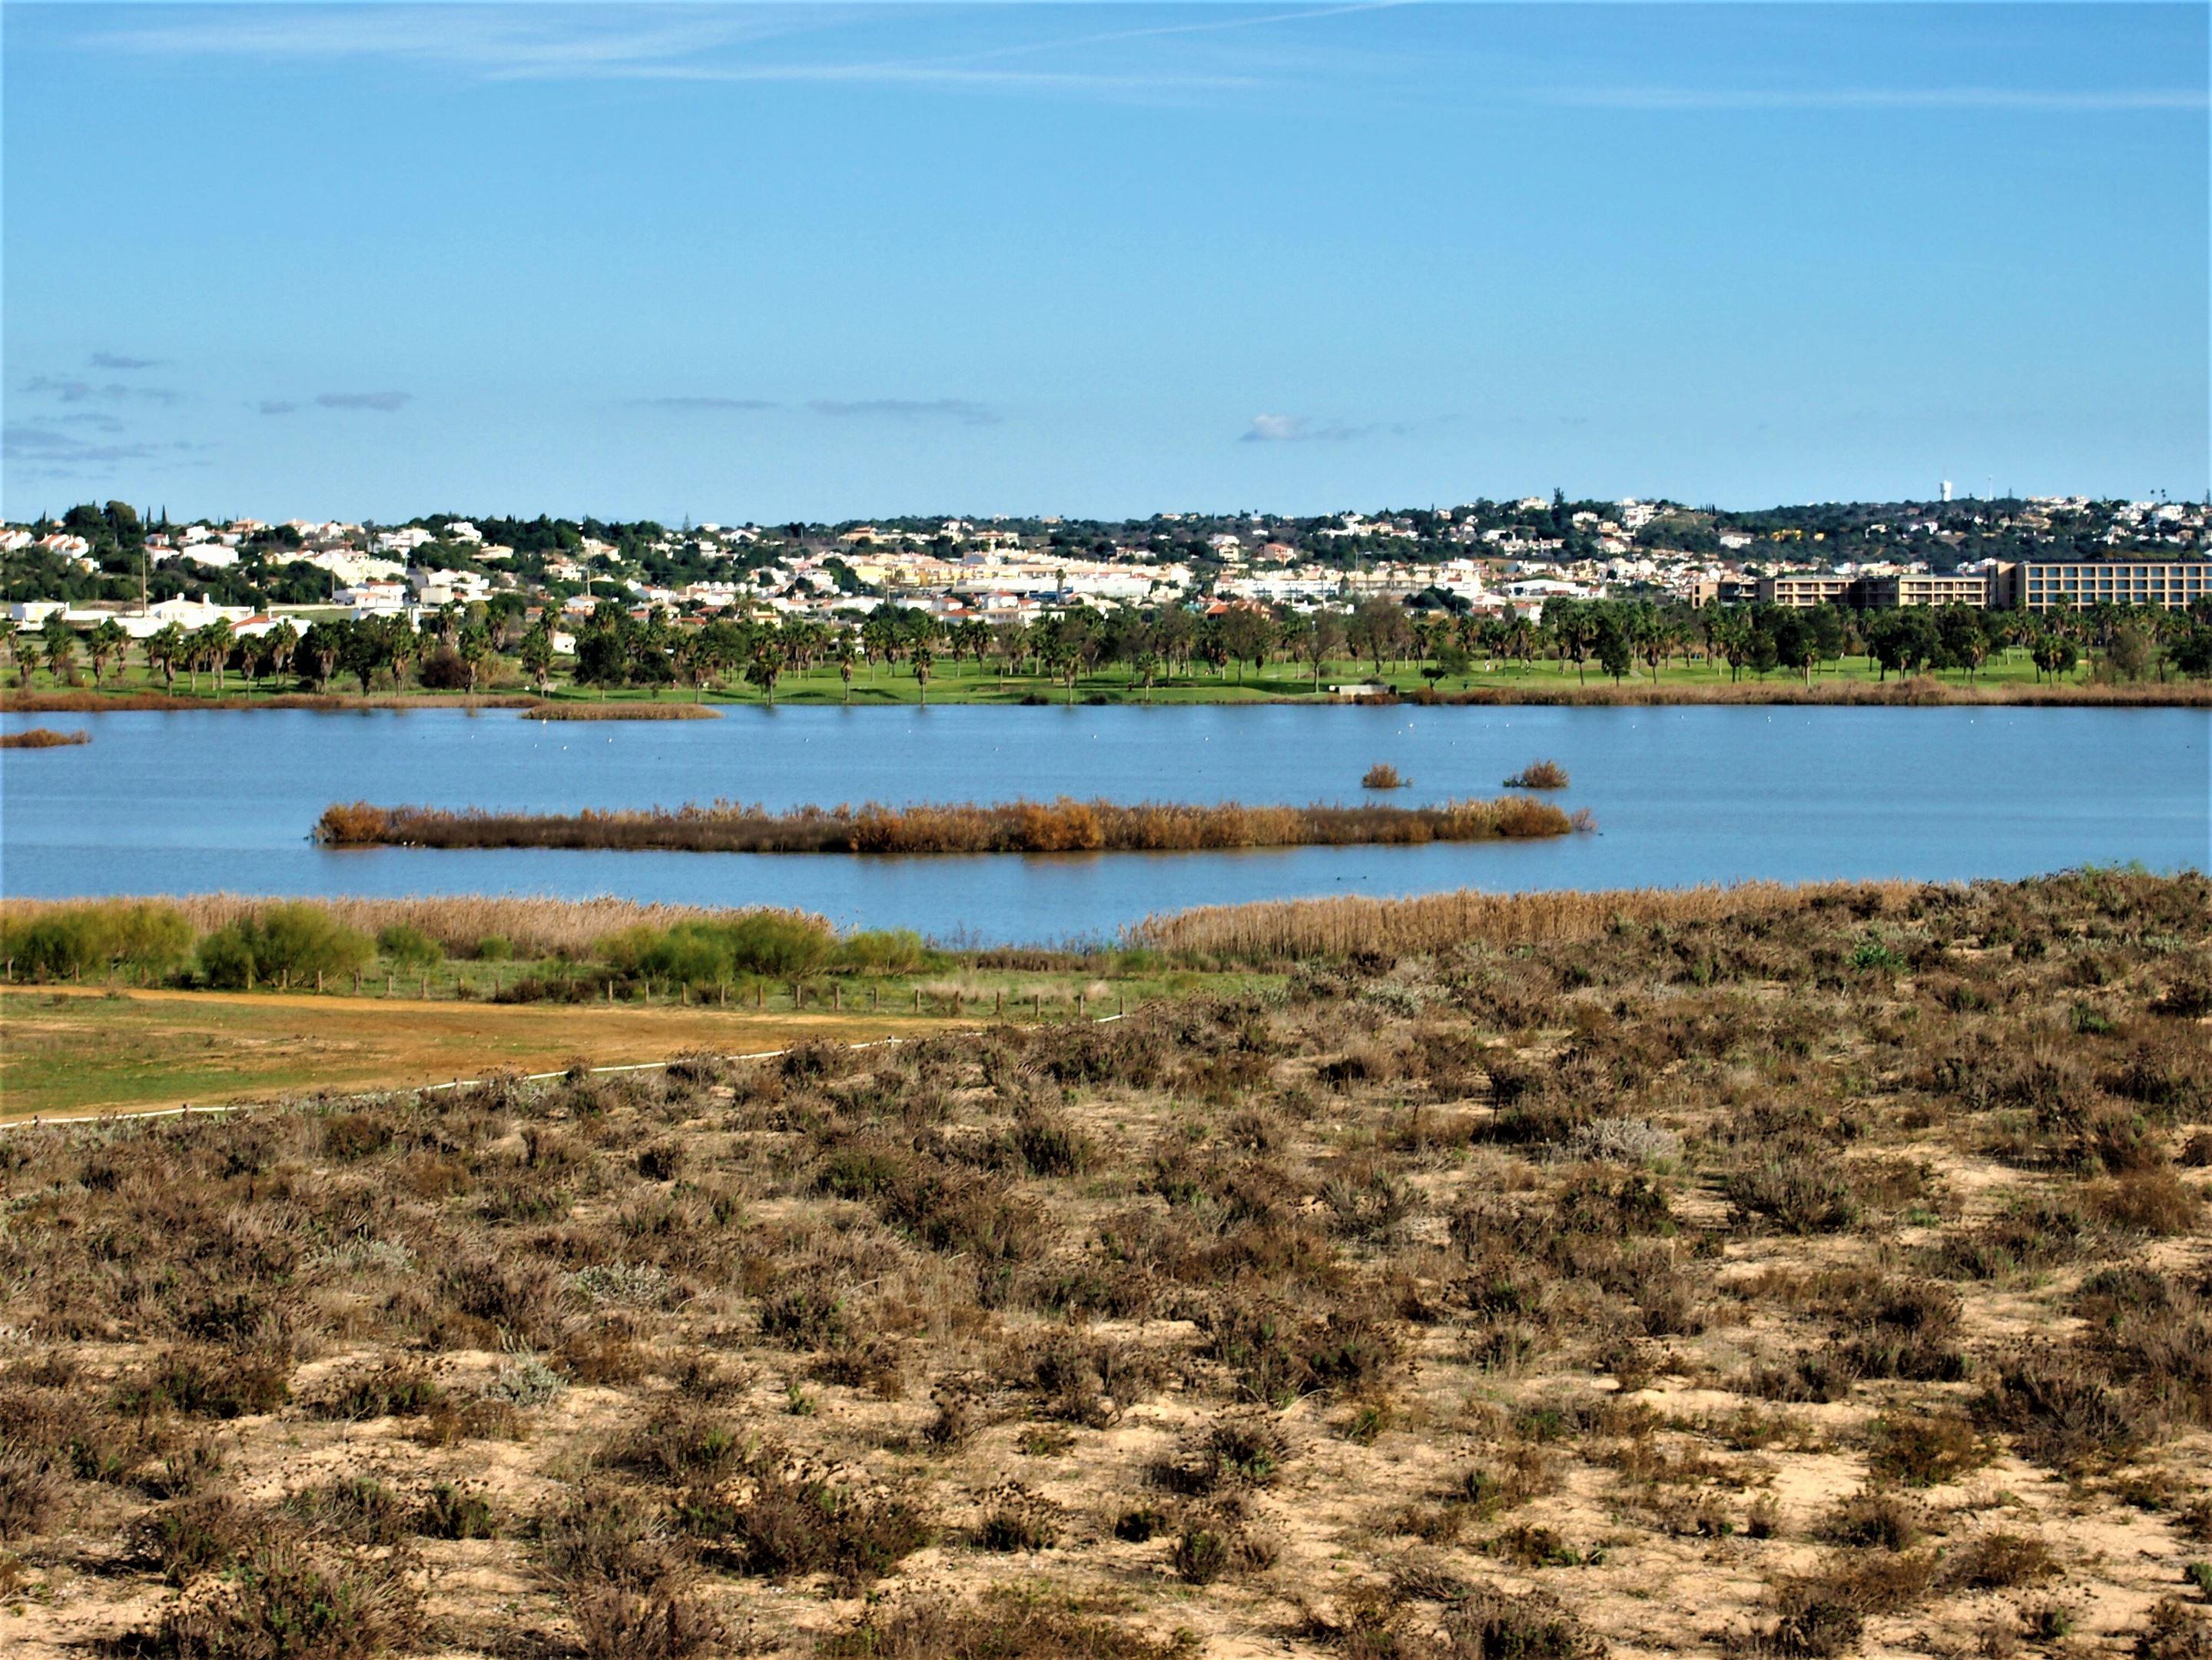 El Lago Salgados, adyacente a Praia Grande, con el Campo de Golf de Salgados en el fondo